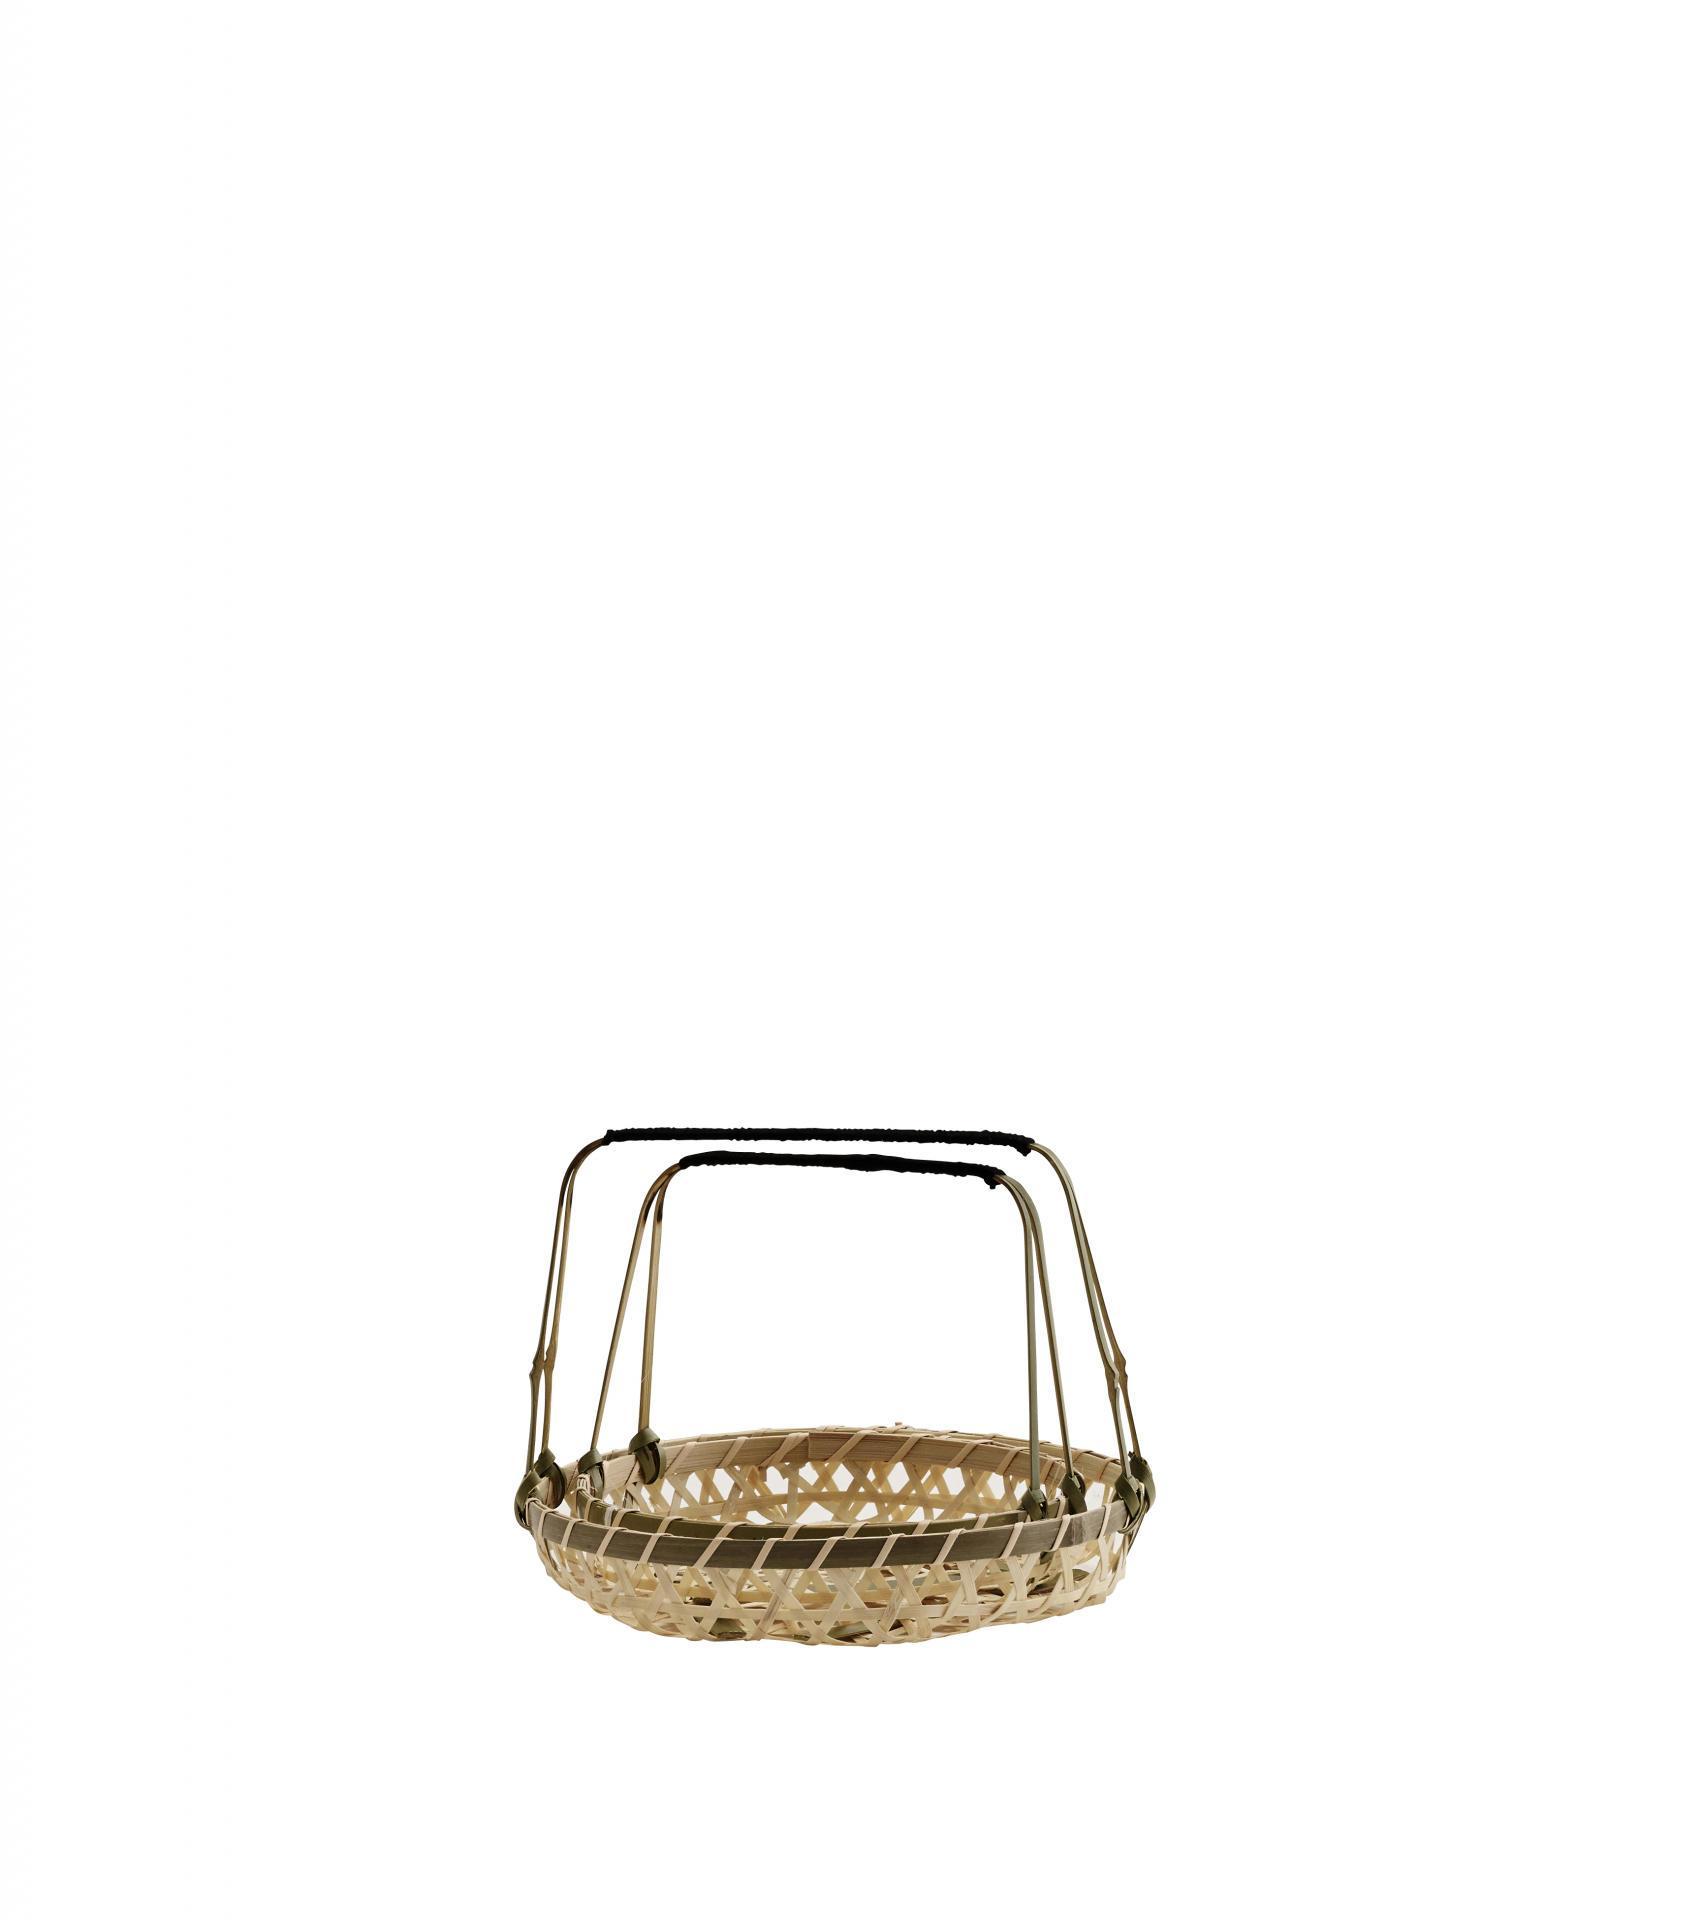 MADAM STOLTZ Prouténě košíky Baskets natur - set 2 ks, béžová barva, proutí